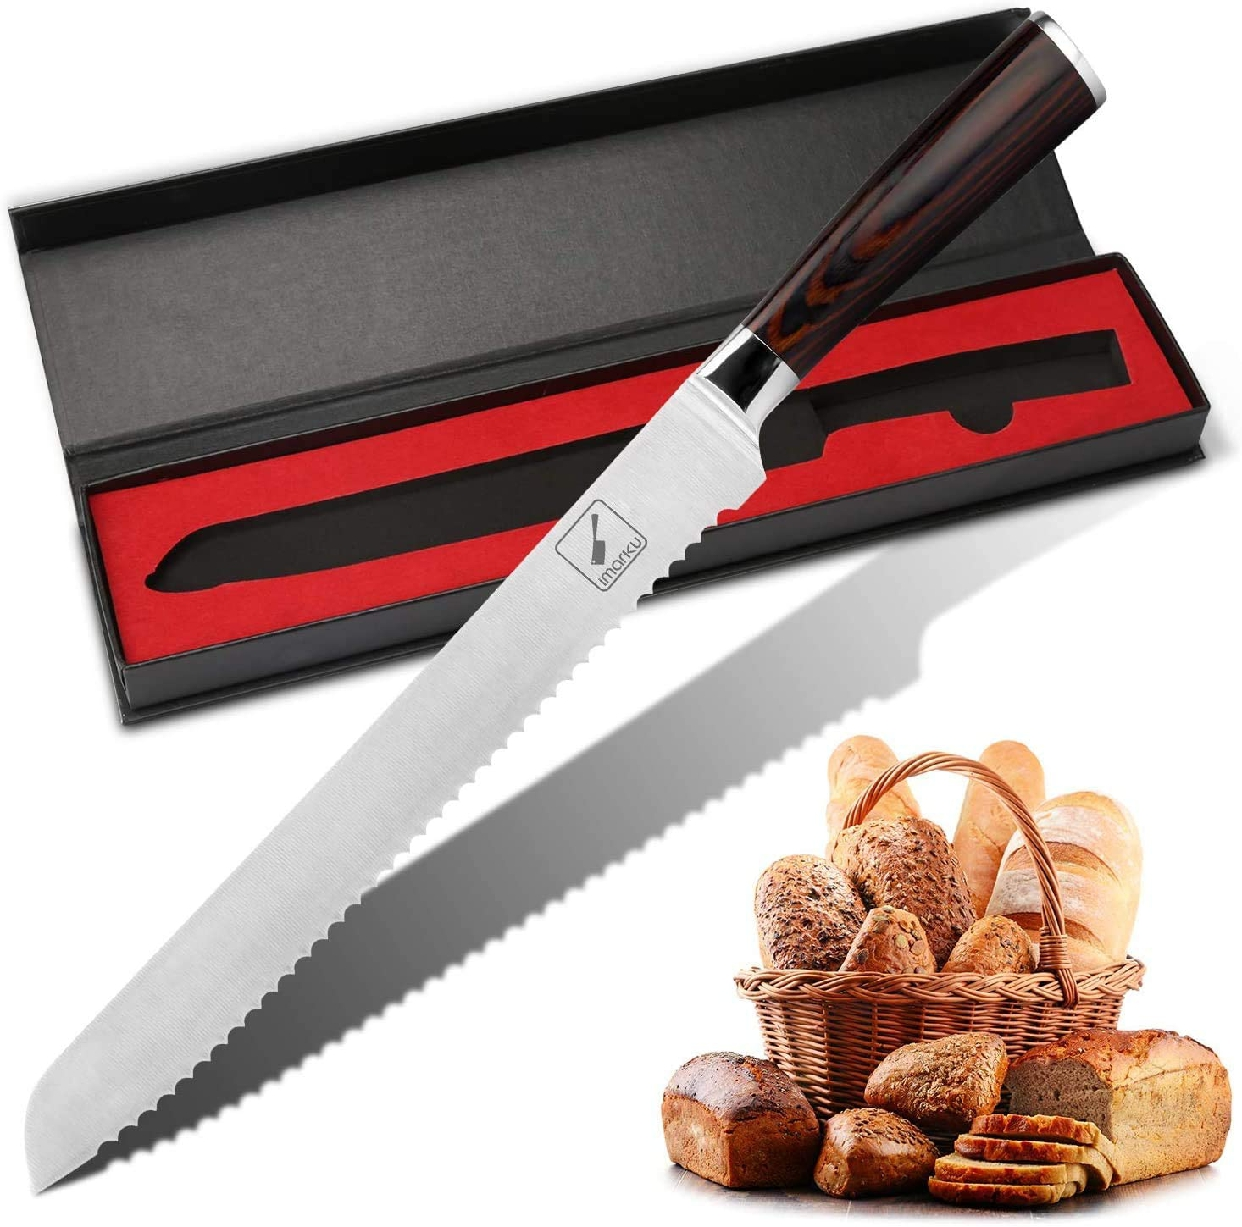 imarku(イマルク) ブレッドナイフ 10インチ シルバーの商品画像